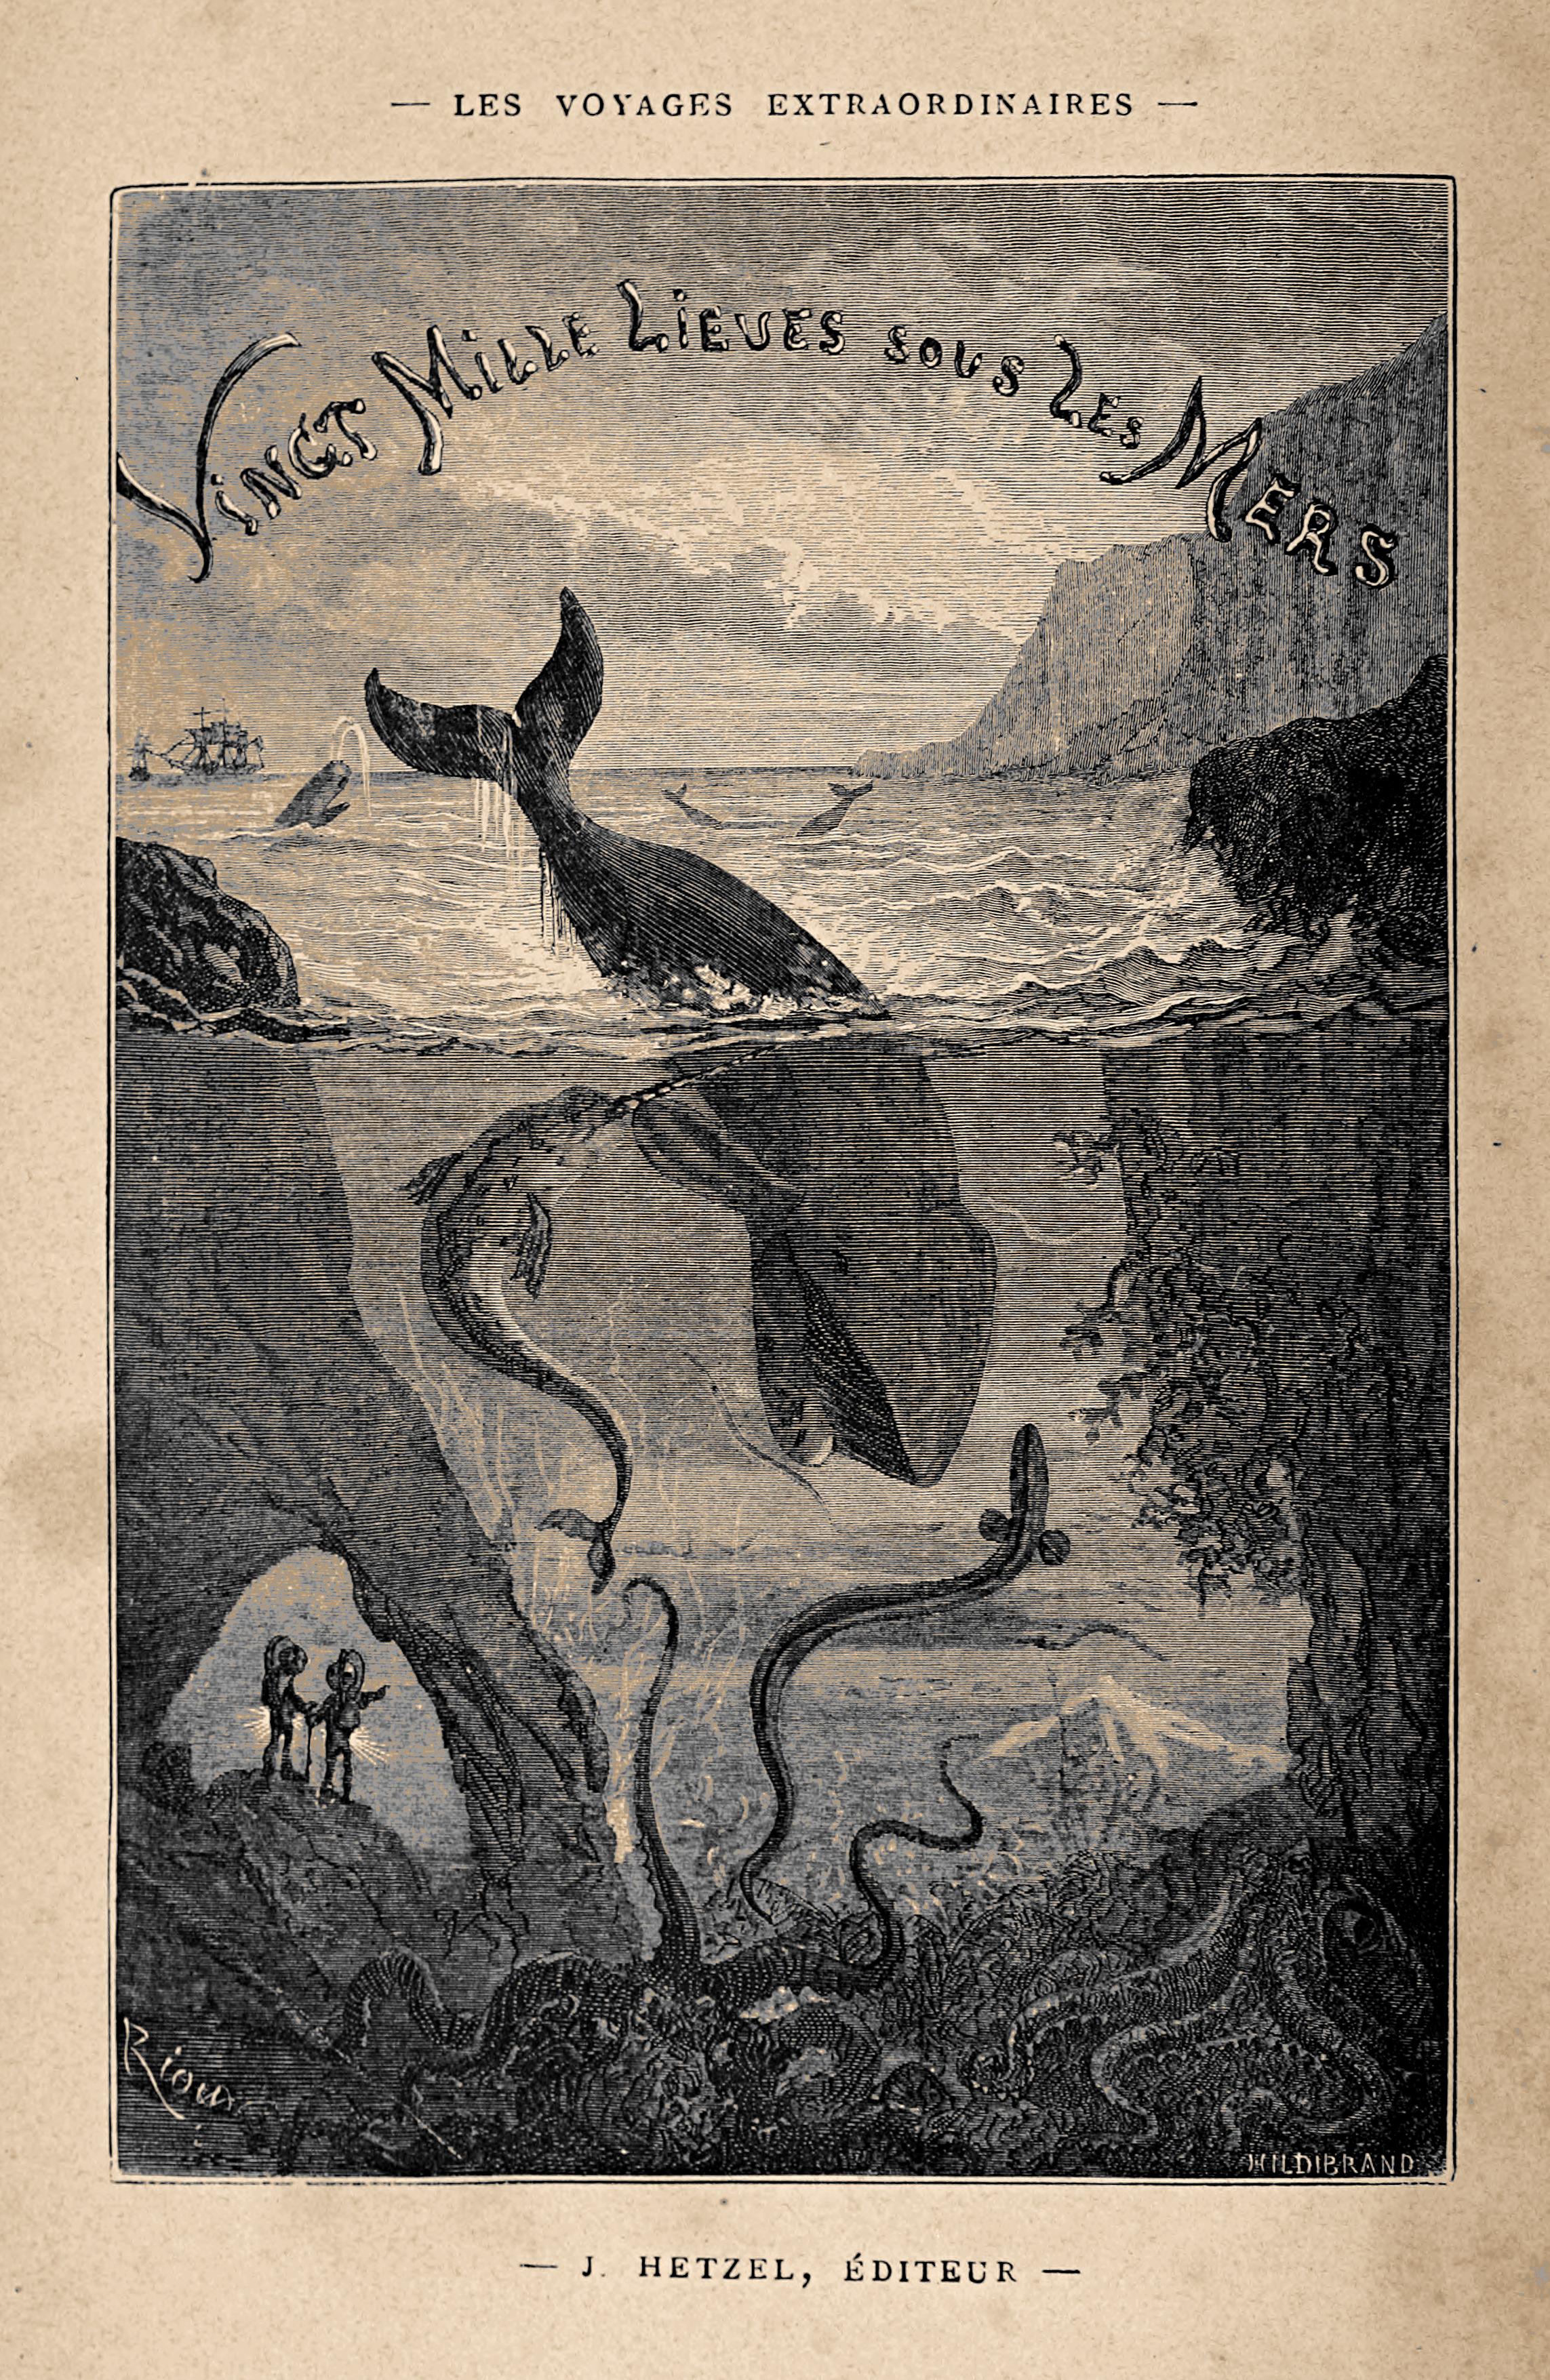 Frontispiece: From Vingt mille lieues sous les mers (20,000 Leagues Under the Sea), Paris: J. Hetzel, 1871. FC8 V5946 869ve, Houghton Library, Harvard University